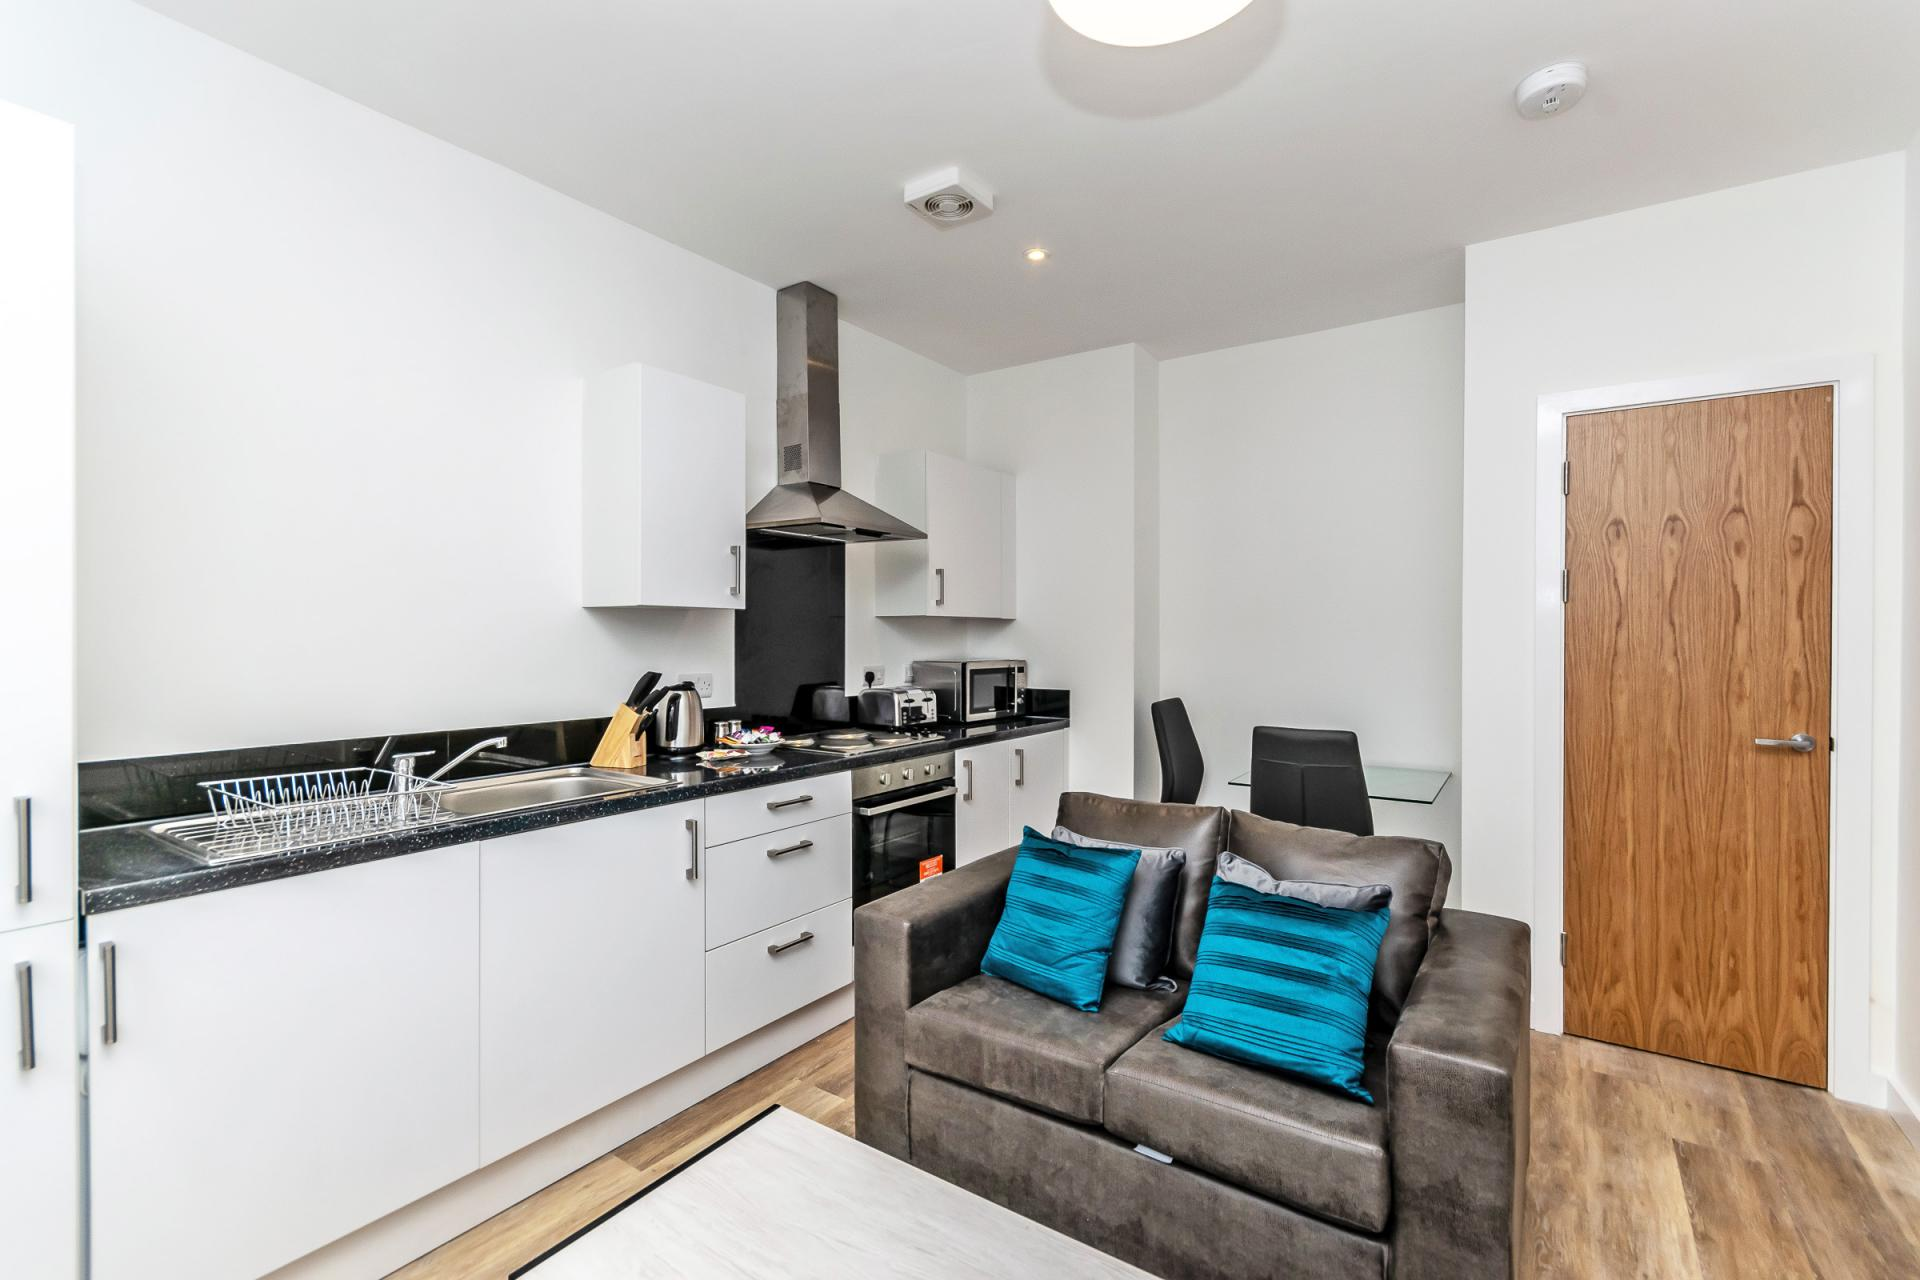 Kitchen at City Suites Apartments